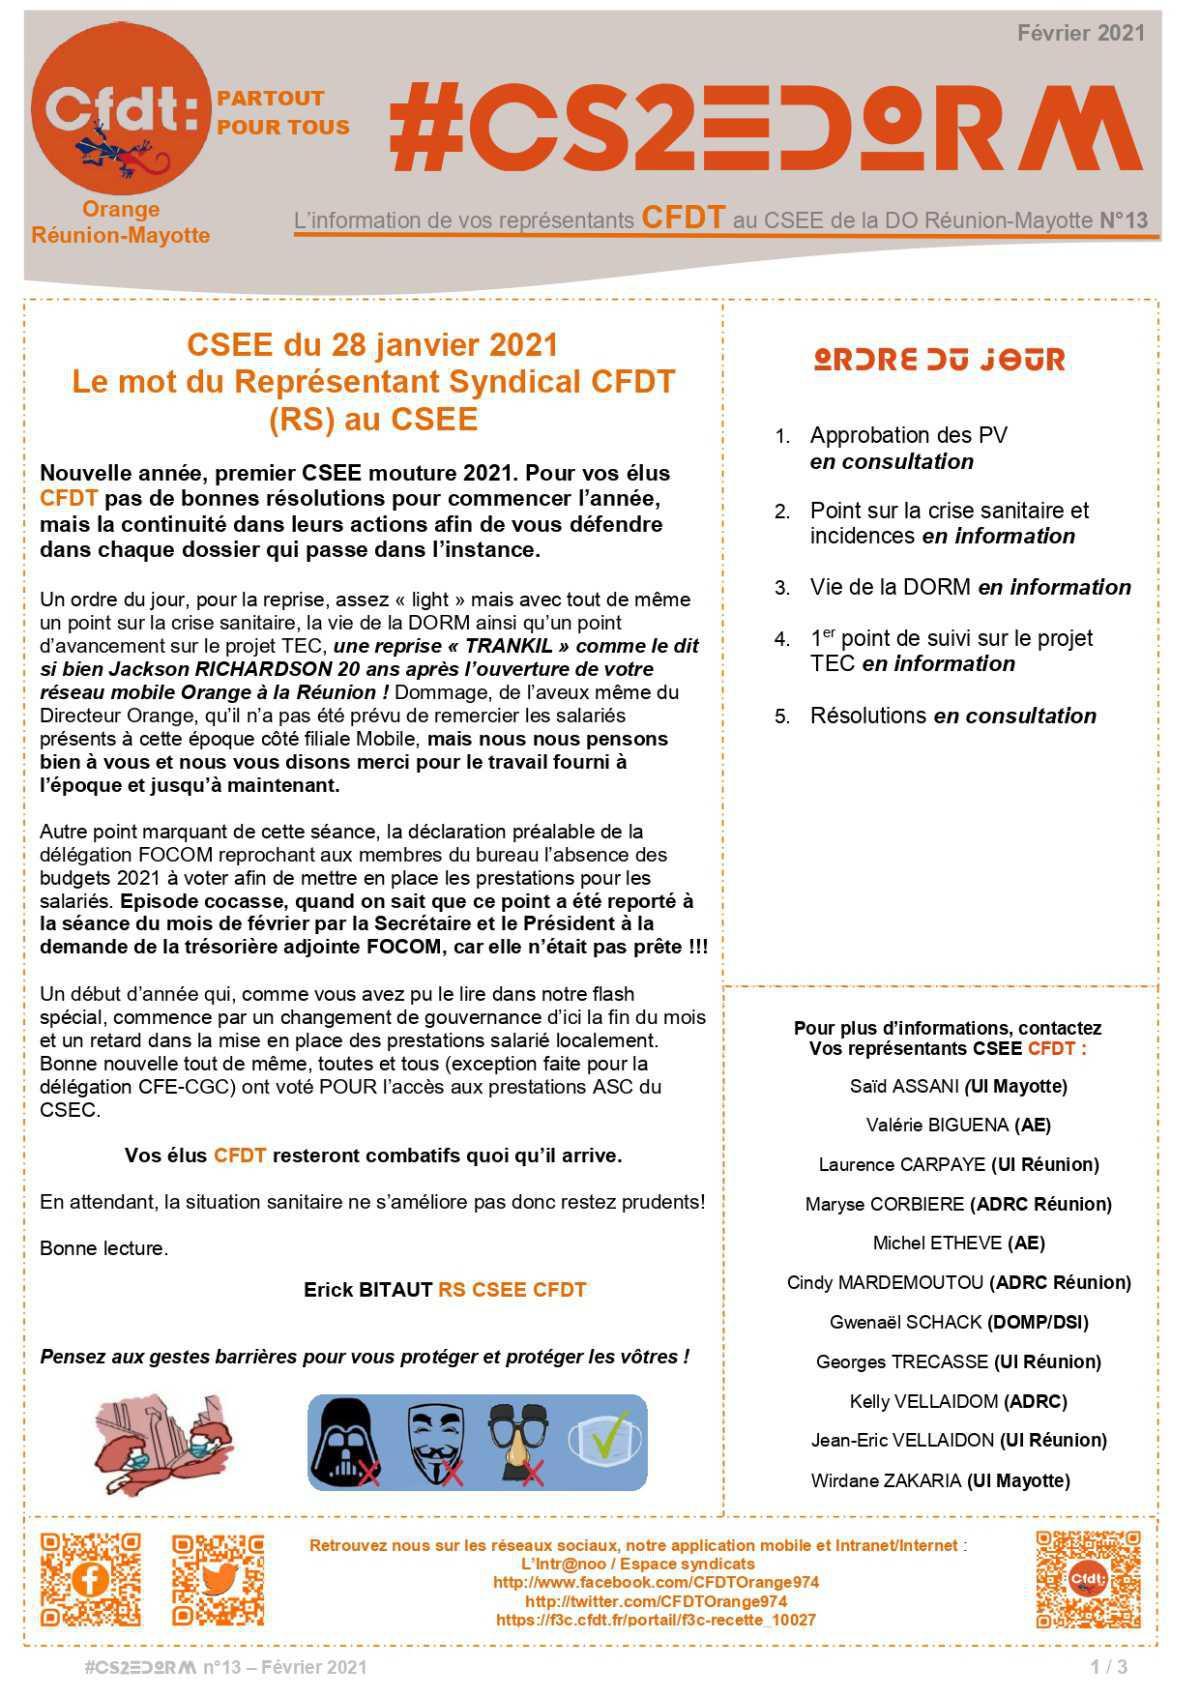 #CS2EDORM n°13 - CSEE du 28 janvier 2021